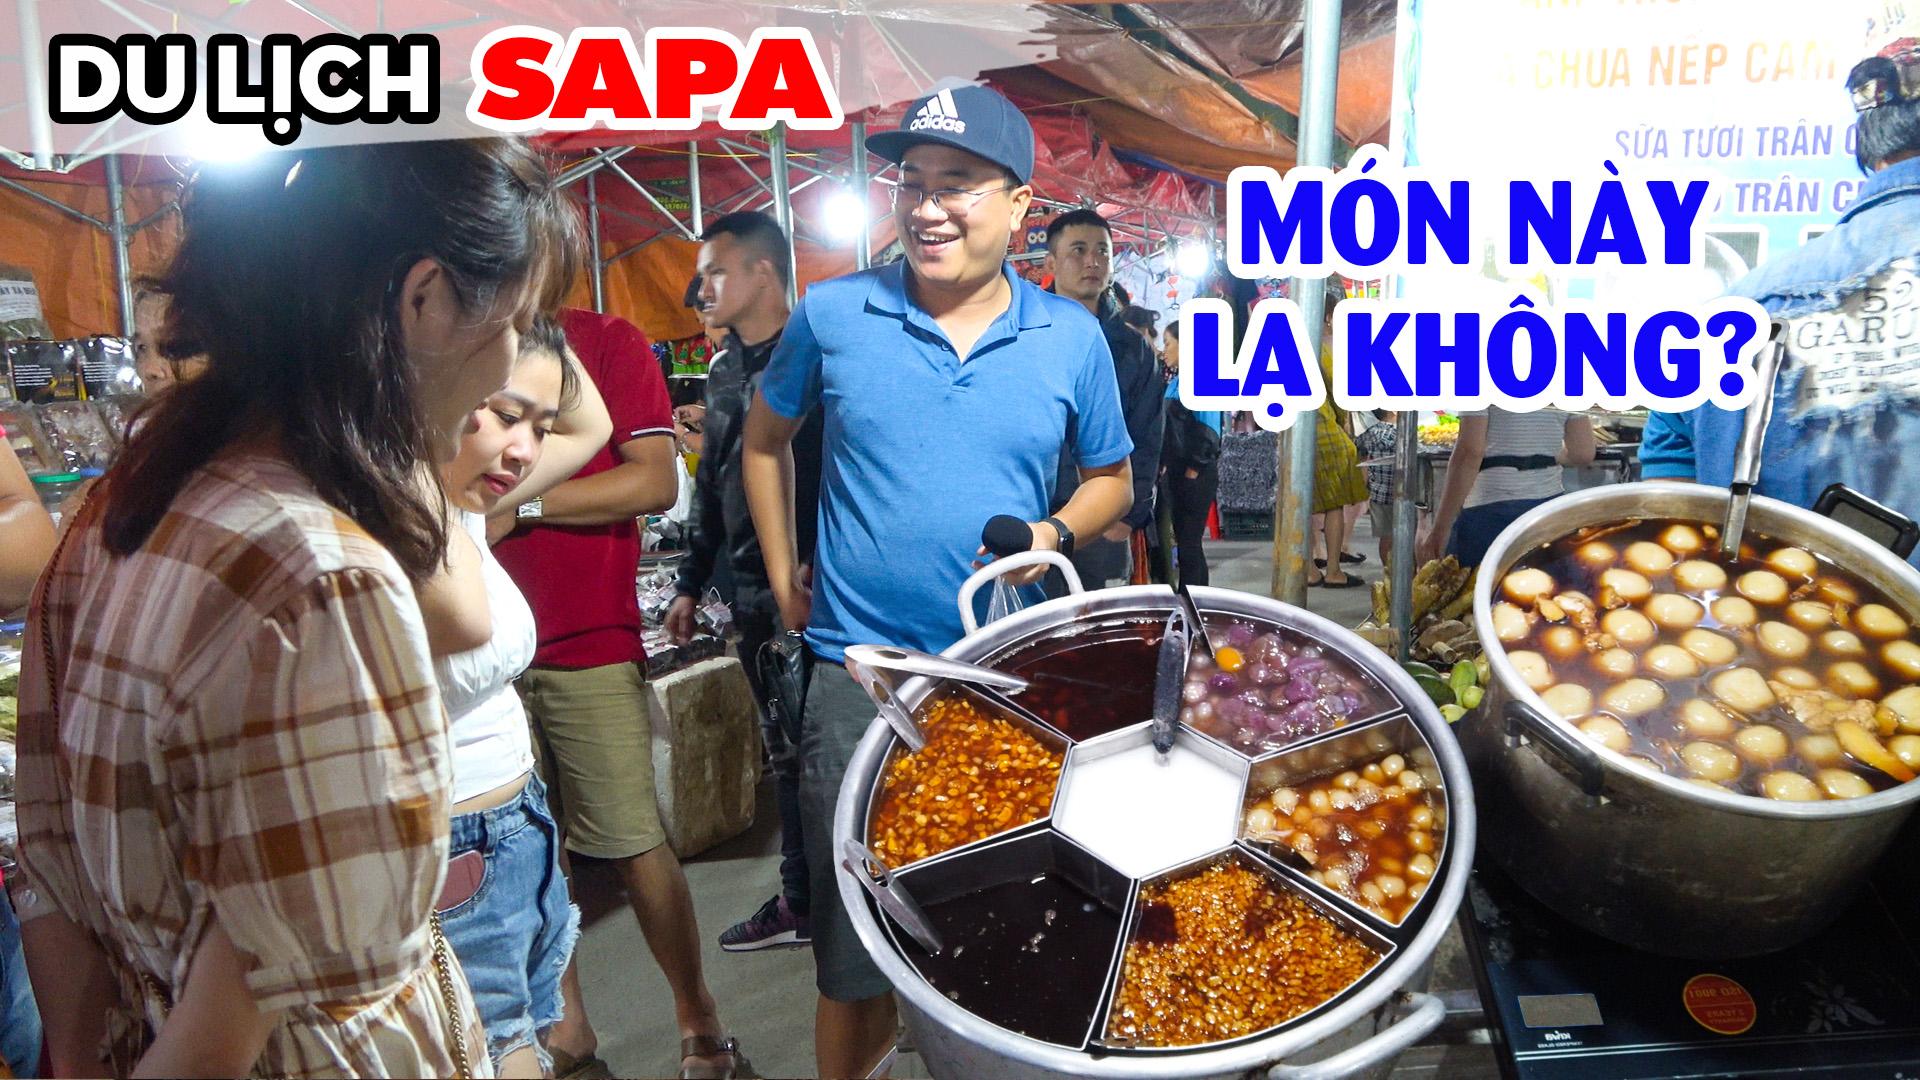 du-lich-sapa-kham-pha-am-thuc-cho-dem-sapa-voi-nhieu-mon-an-ngon-4